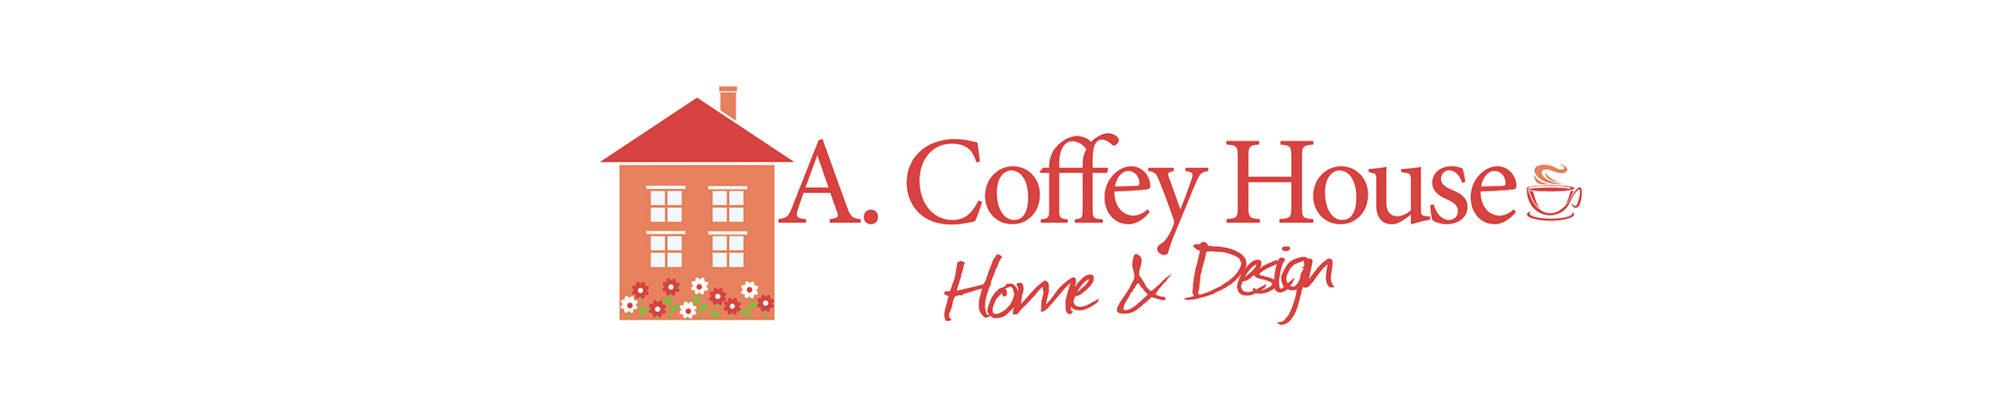 A. Coffey House